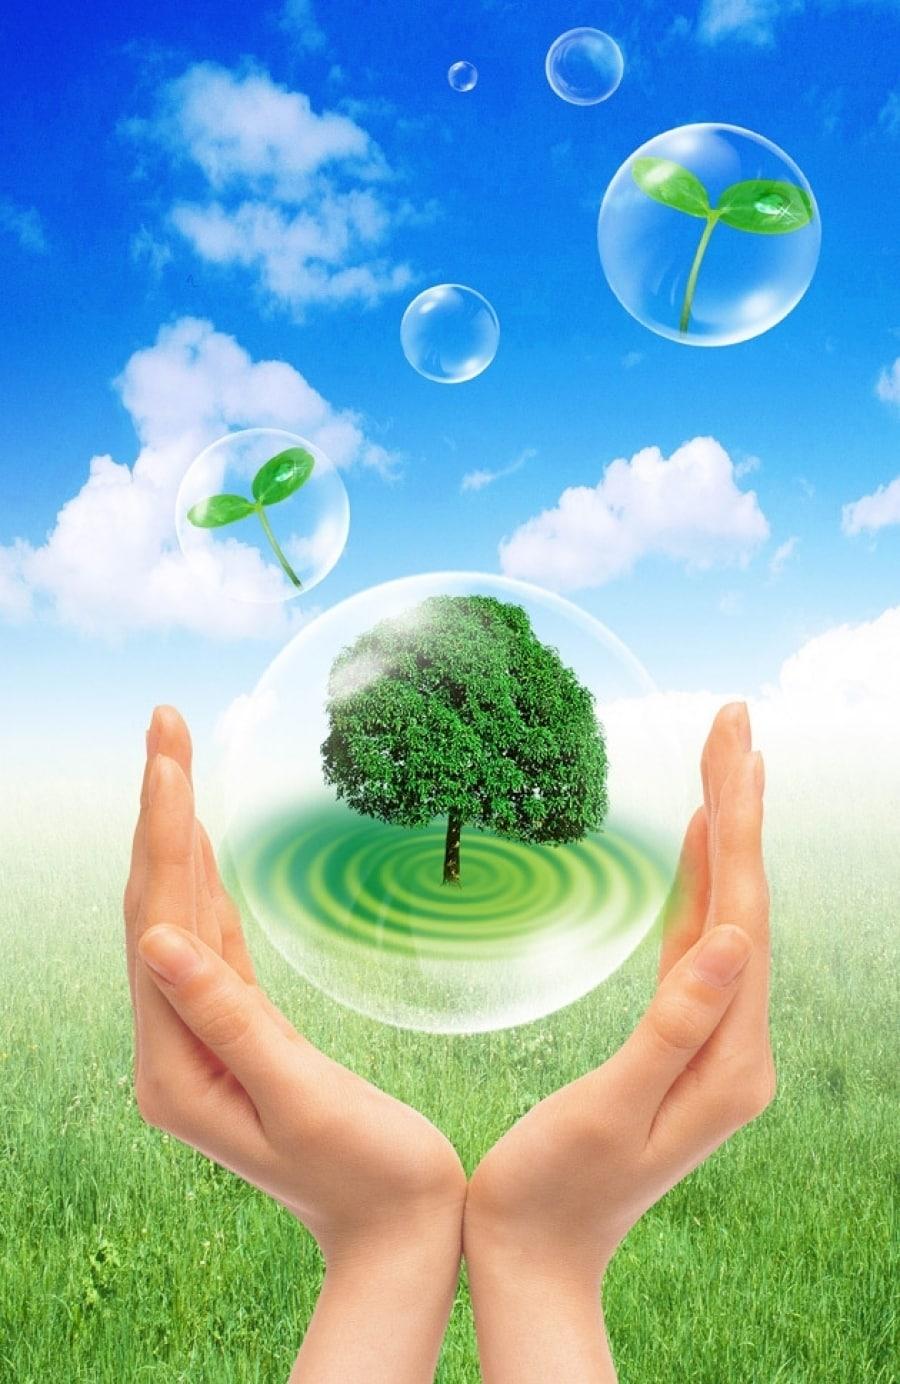 Mẫu poster tuyên truyền bảo vệ trái đất